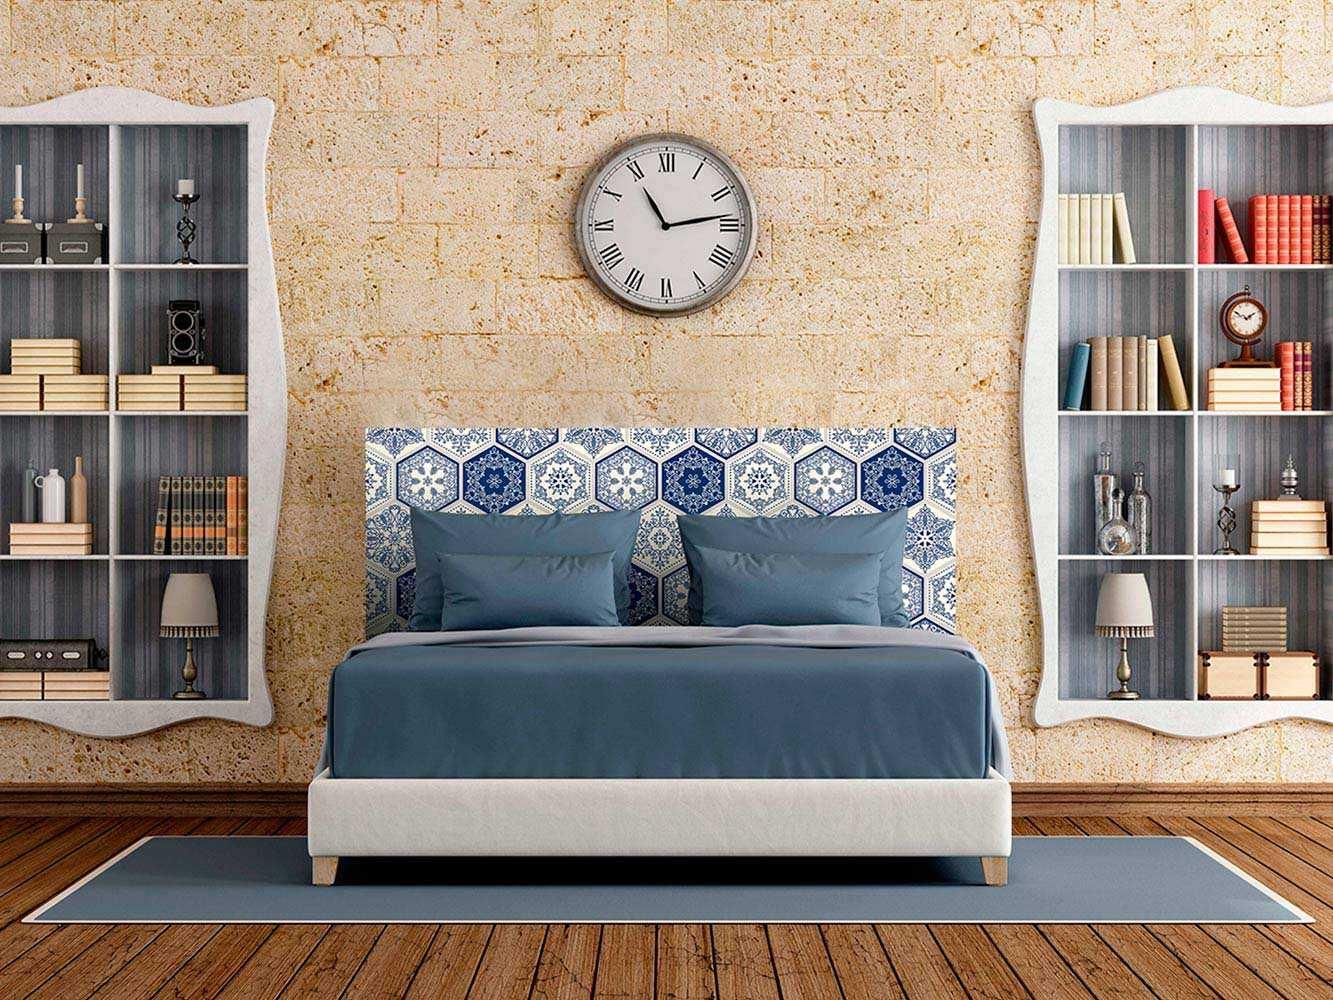 Cabecero Cama Mosaico Azul | Carteles XXL - Impresión carteleria publicitaria